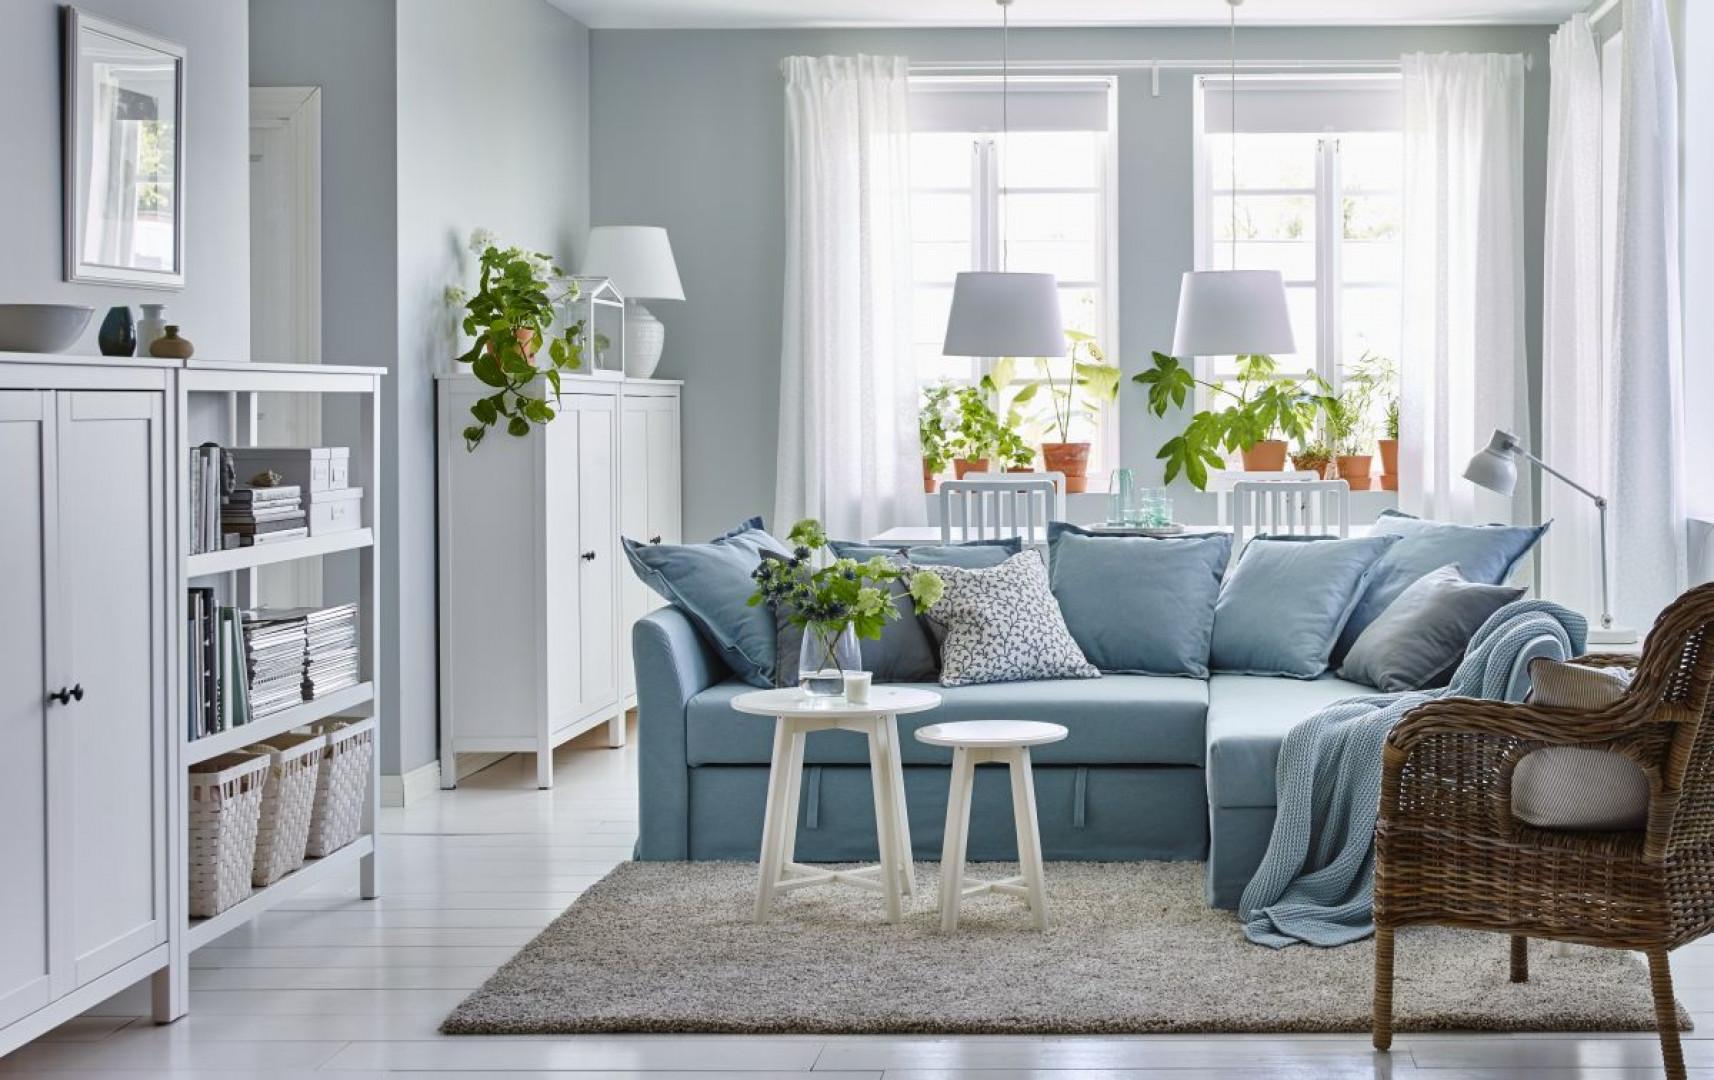 Jasne, ciepłe i przytulne - takie powinno być wnętrze w stylu skandynawskim. Fot. IKEA